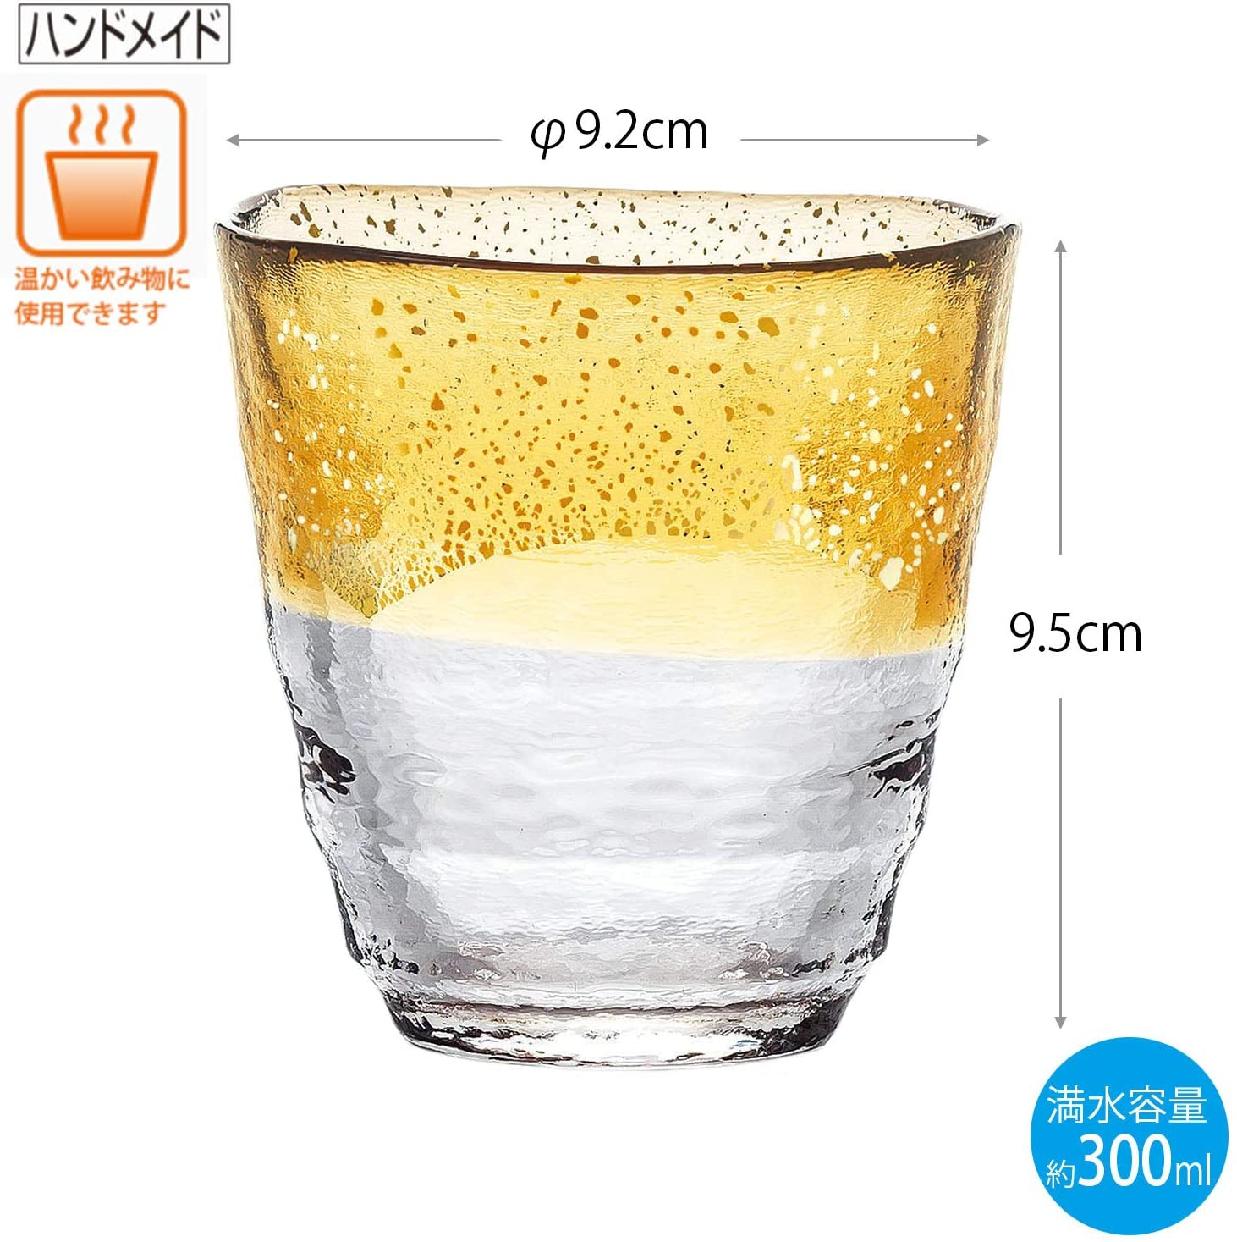 東洋佐々木ガラス(とうようささきがらす)お湯わり焼酎ぐらす(琥珀・金箔) 42130TS-G-WGABの商品画像3